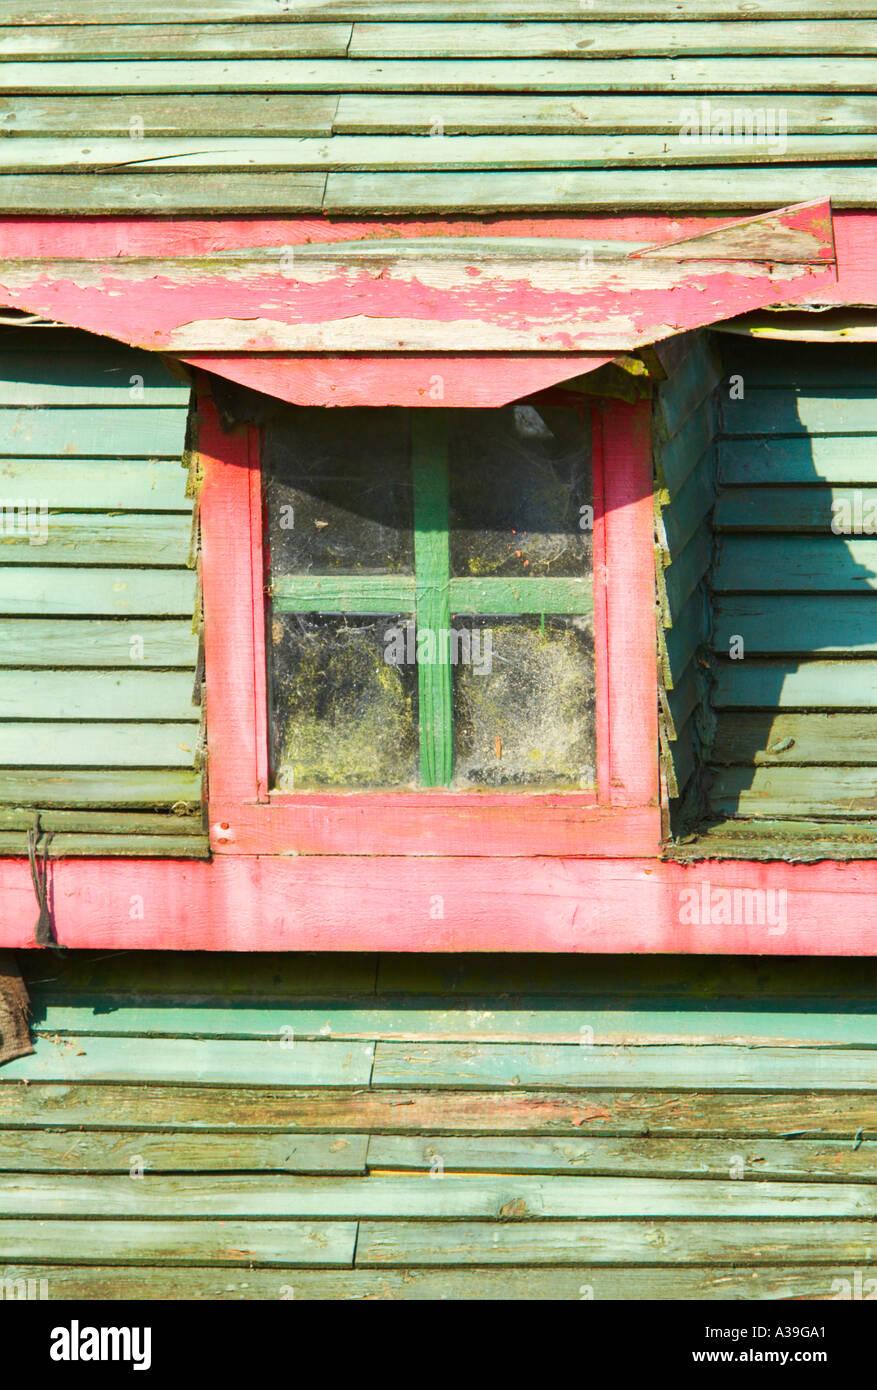 Old shack rotting window - Stock Image